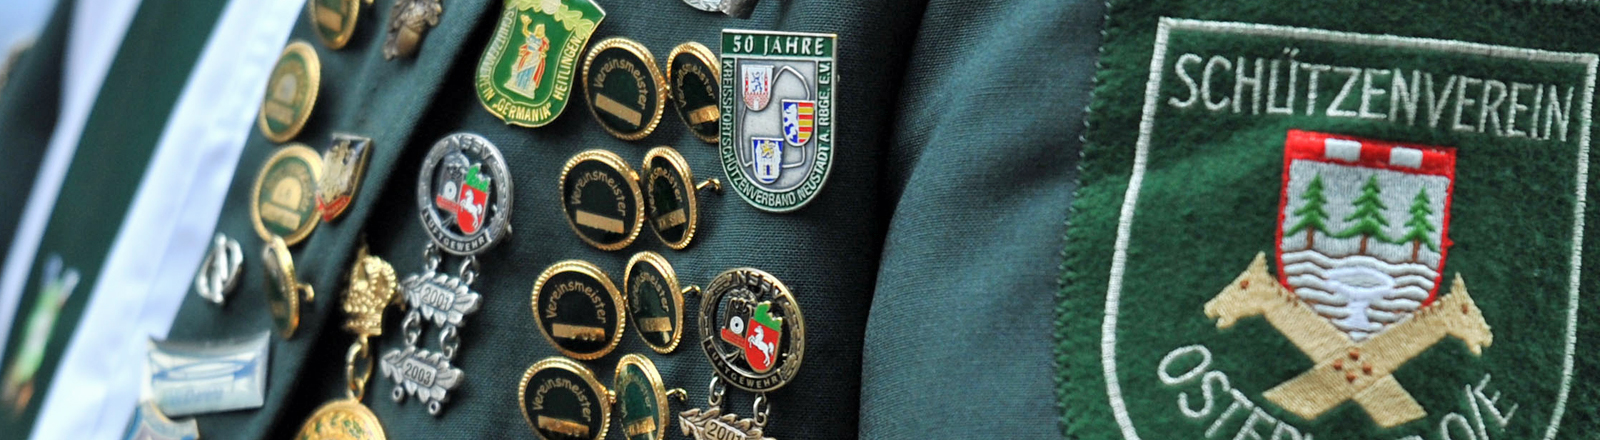 Mit zahlreichen Orden an der Brust zieht am Sonntag (04.07.2010) ein Teilnehmer des traditionellen Schützenausmarsches durch Hannover.